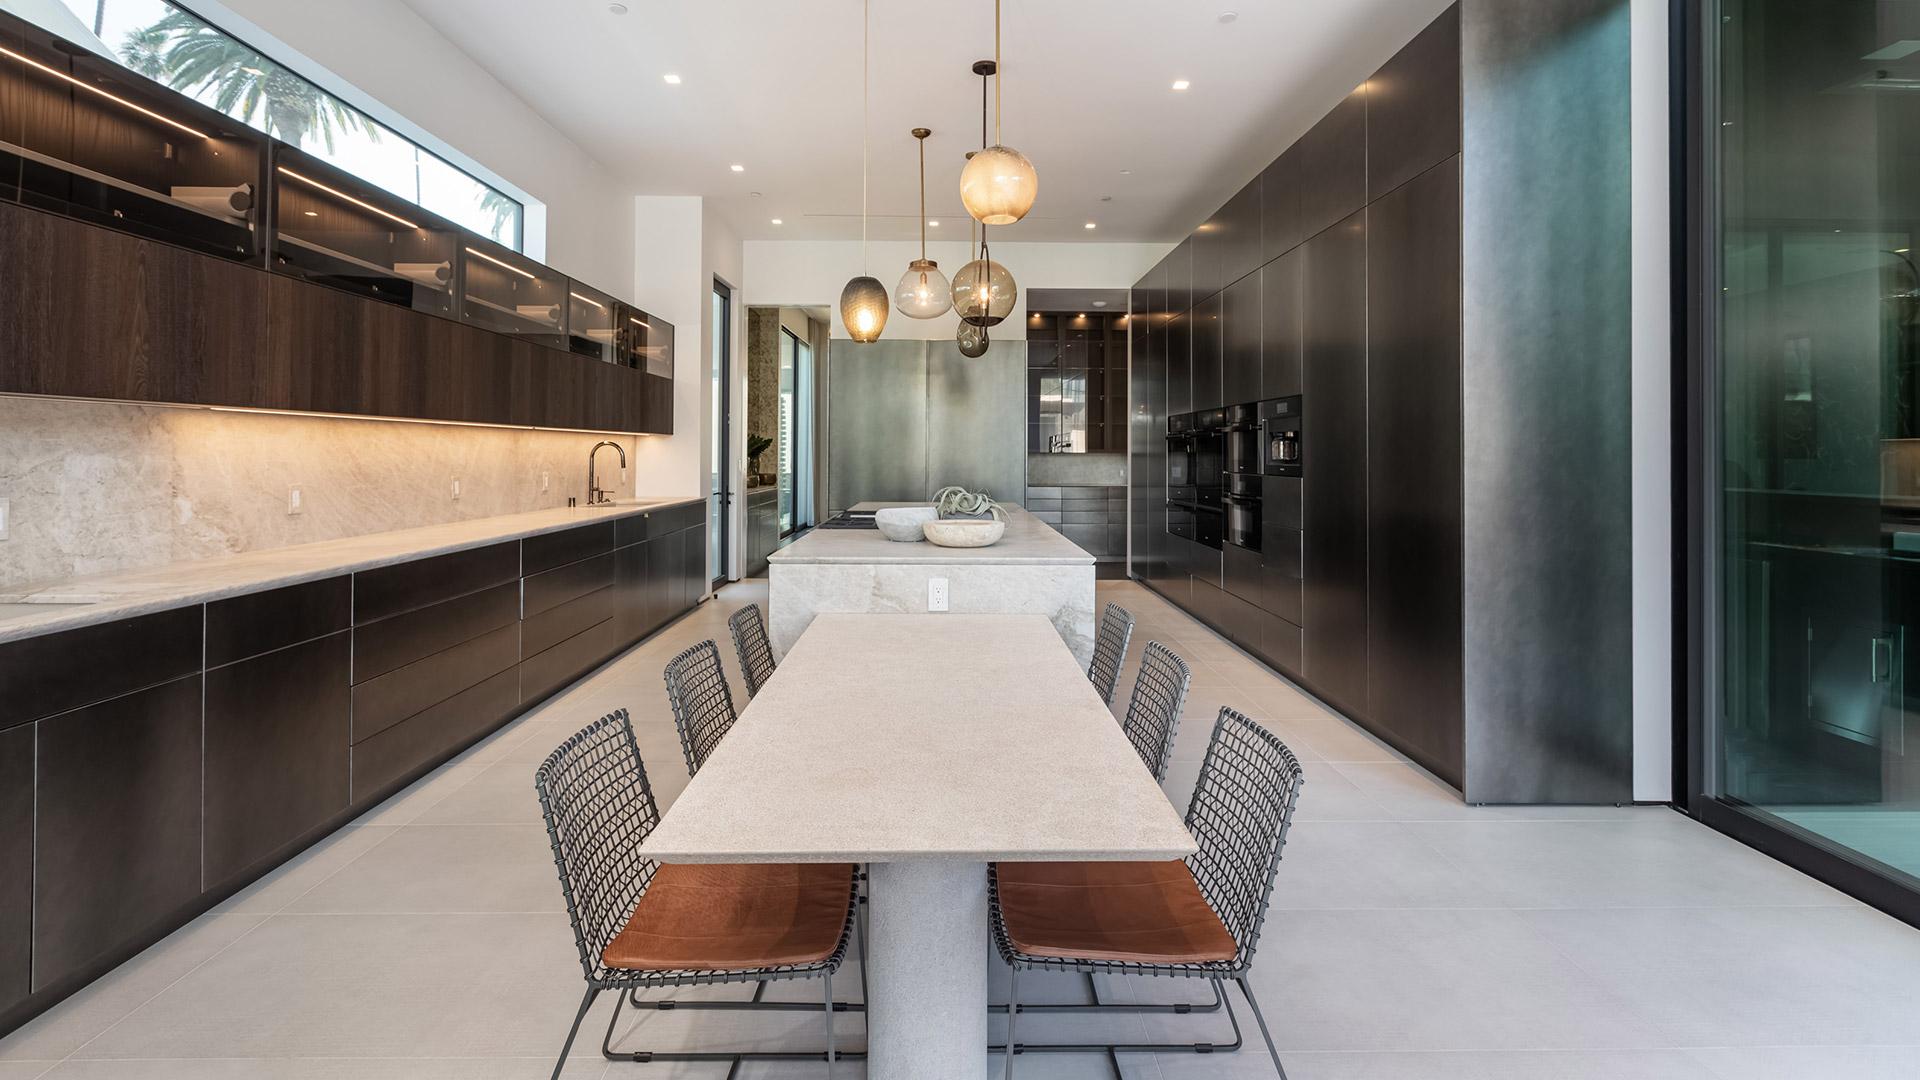 In questo caso, i mobili da cucina si trovano su entrambe le pareti. Cucina Lineare Su Due Lati Con Isola Centrale E Tavolo